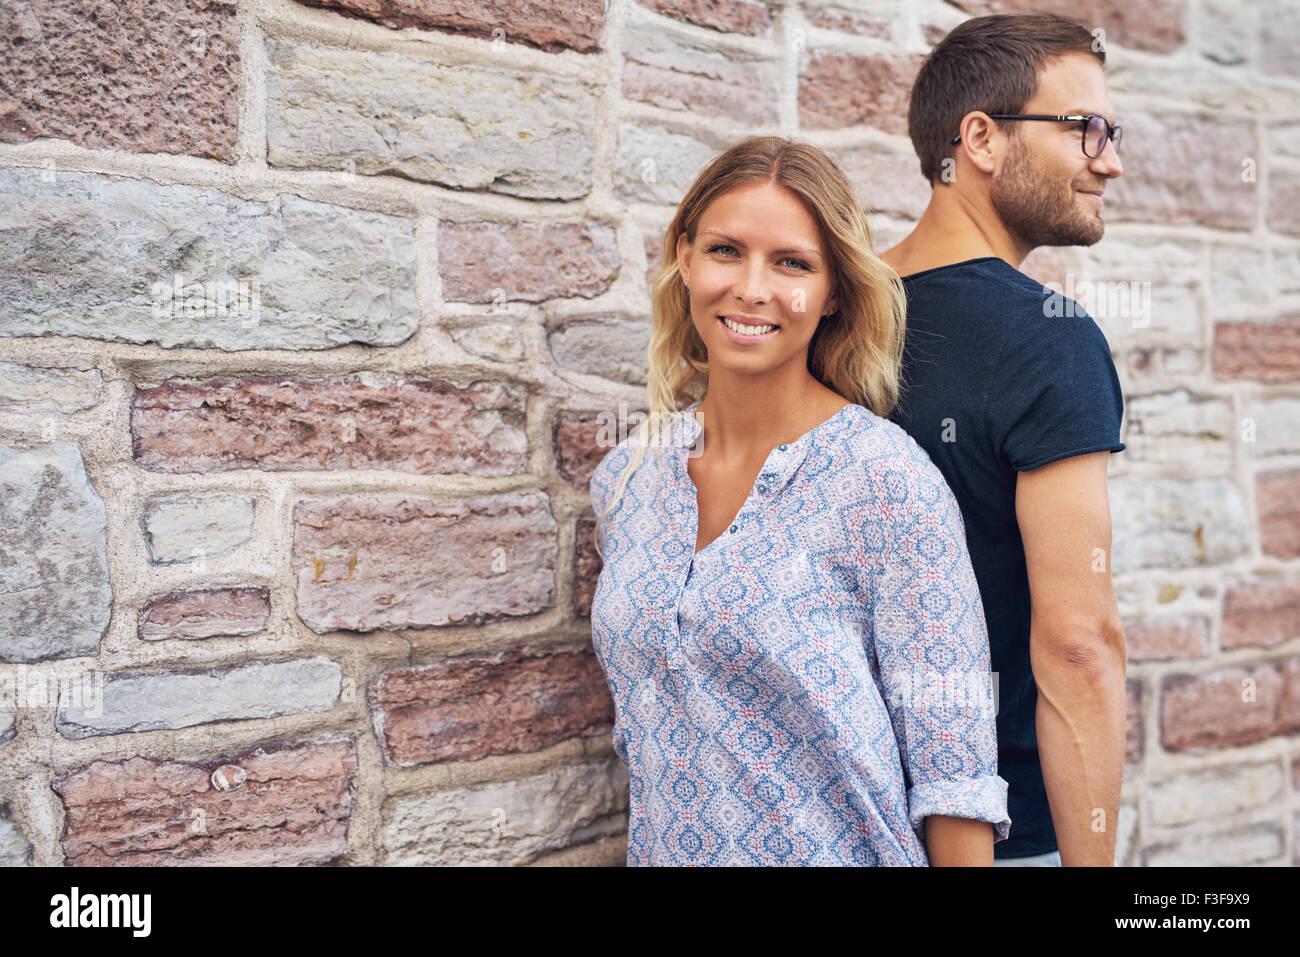 Paar stehend gegen eine Wand wieder gegeneinander Stockbild